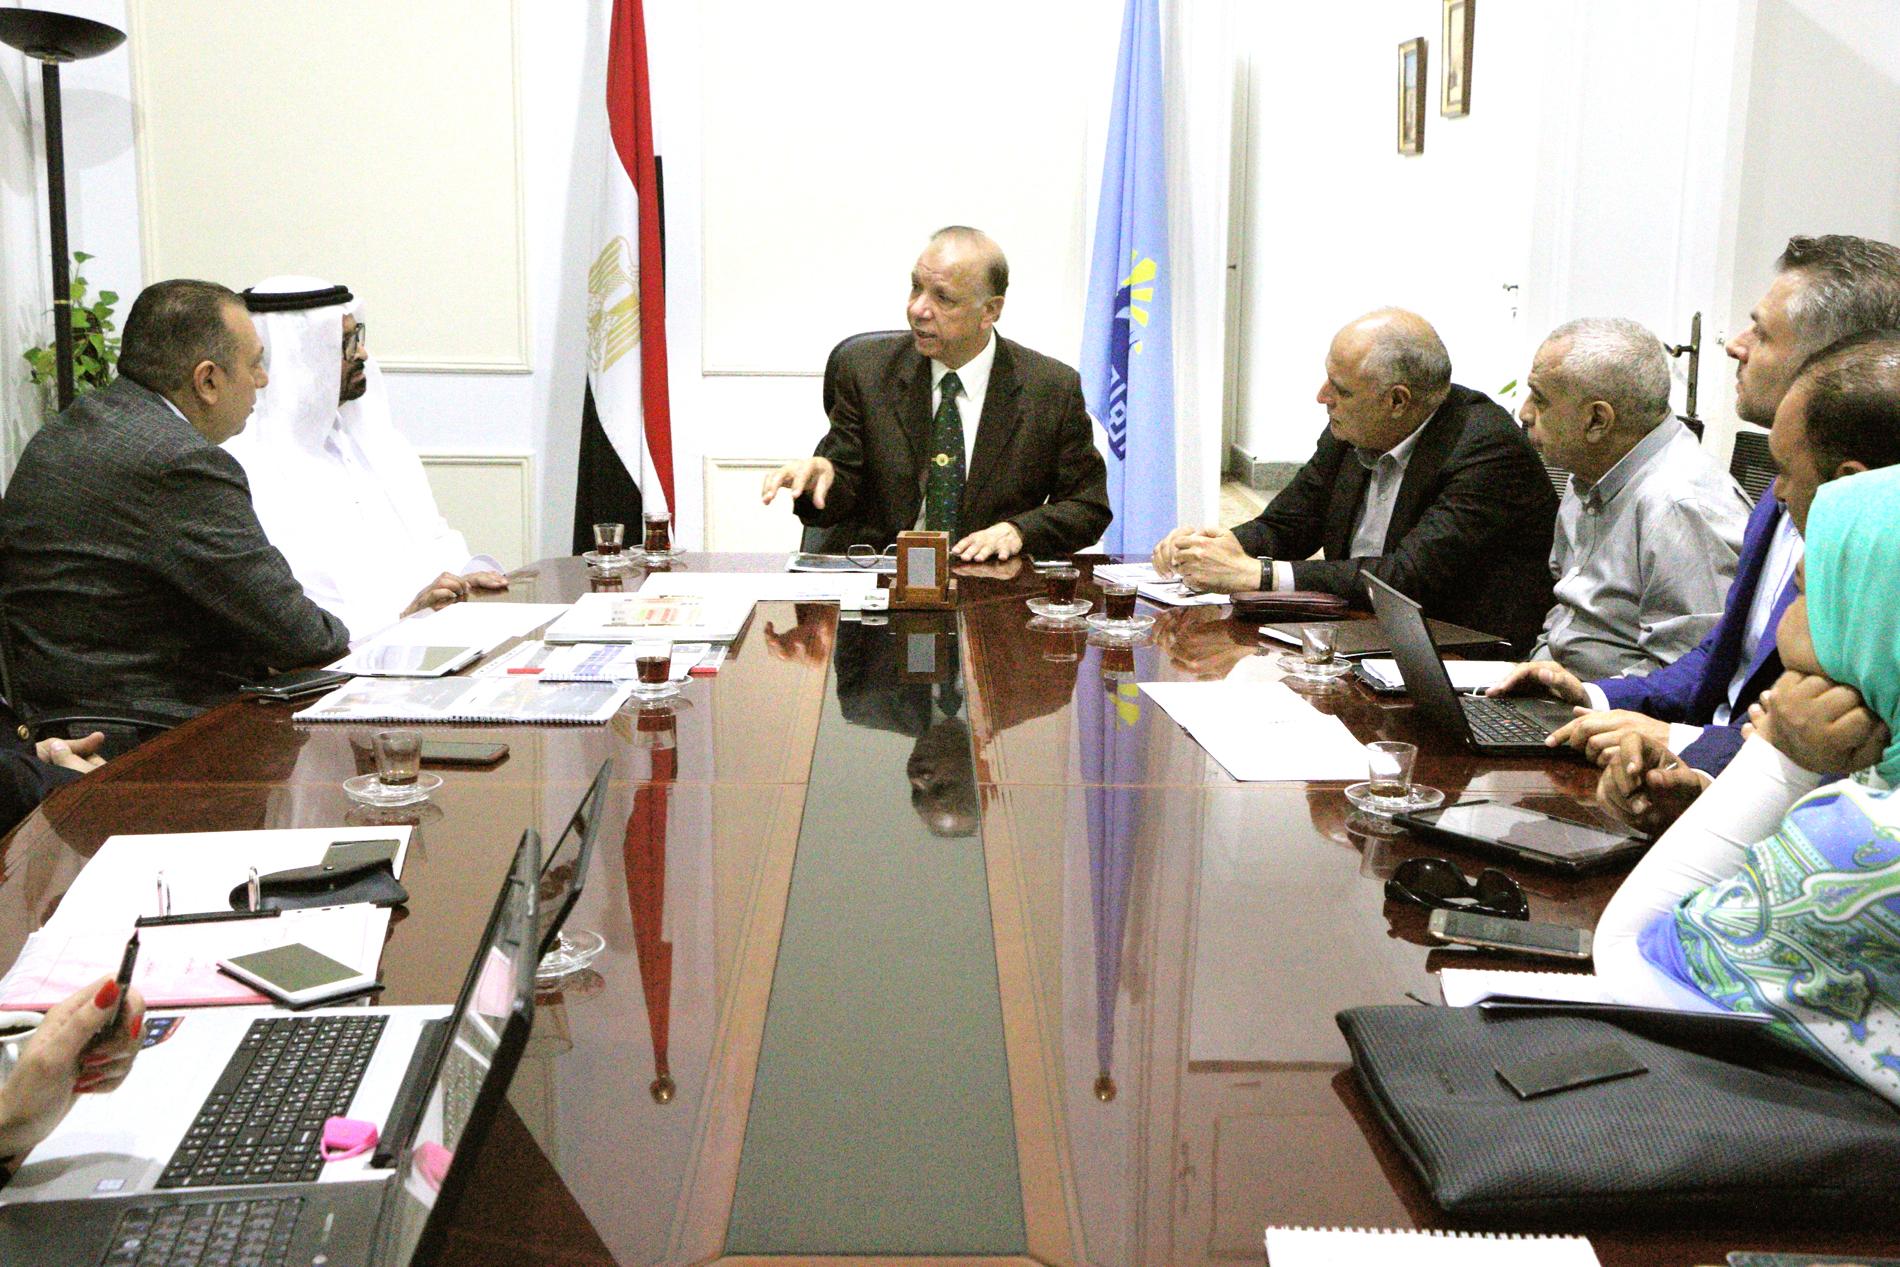 المهندس عاطف عبد الحميد محافظ القاهرة أثناء الاجتماع اليوم